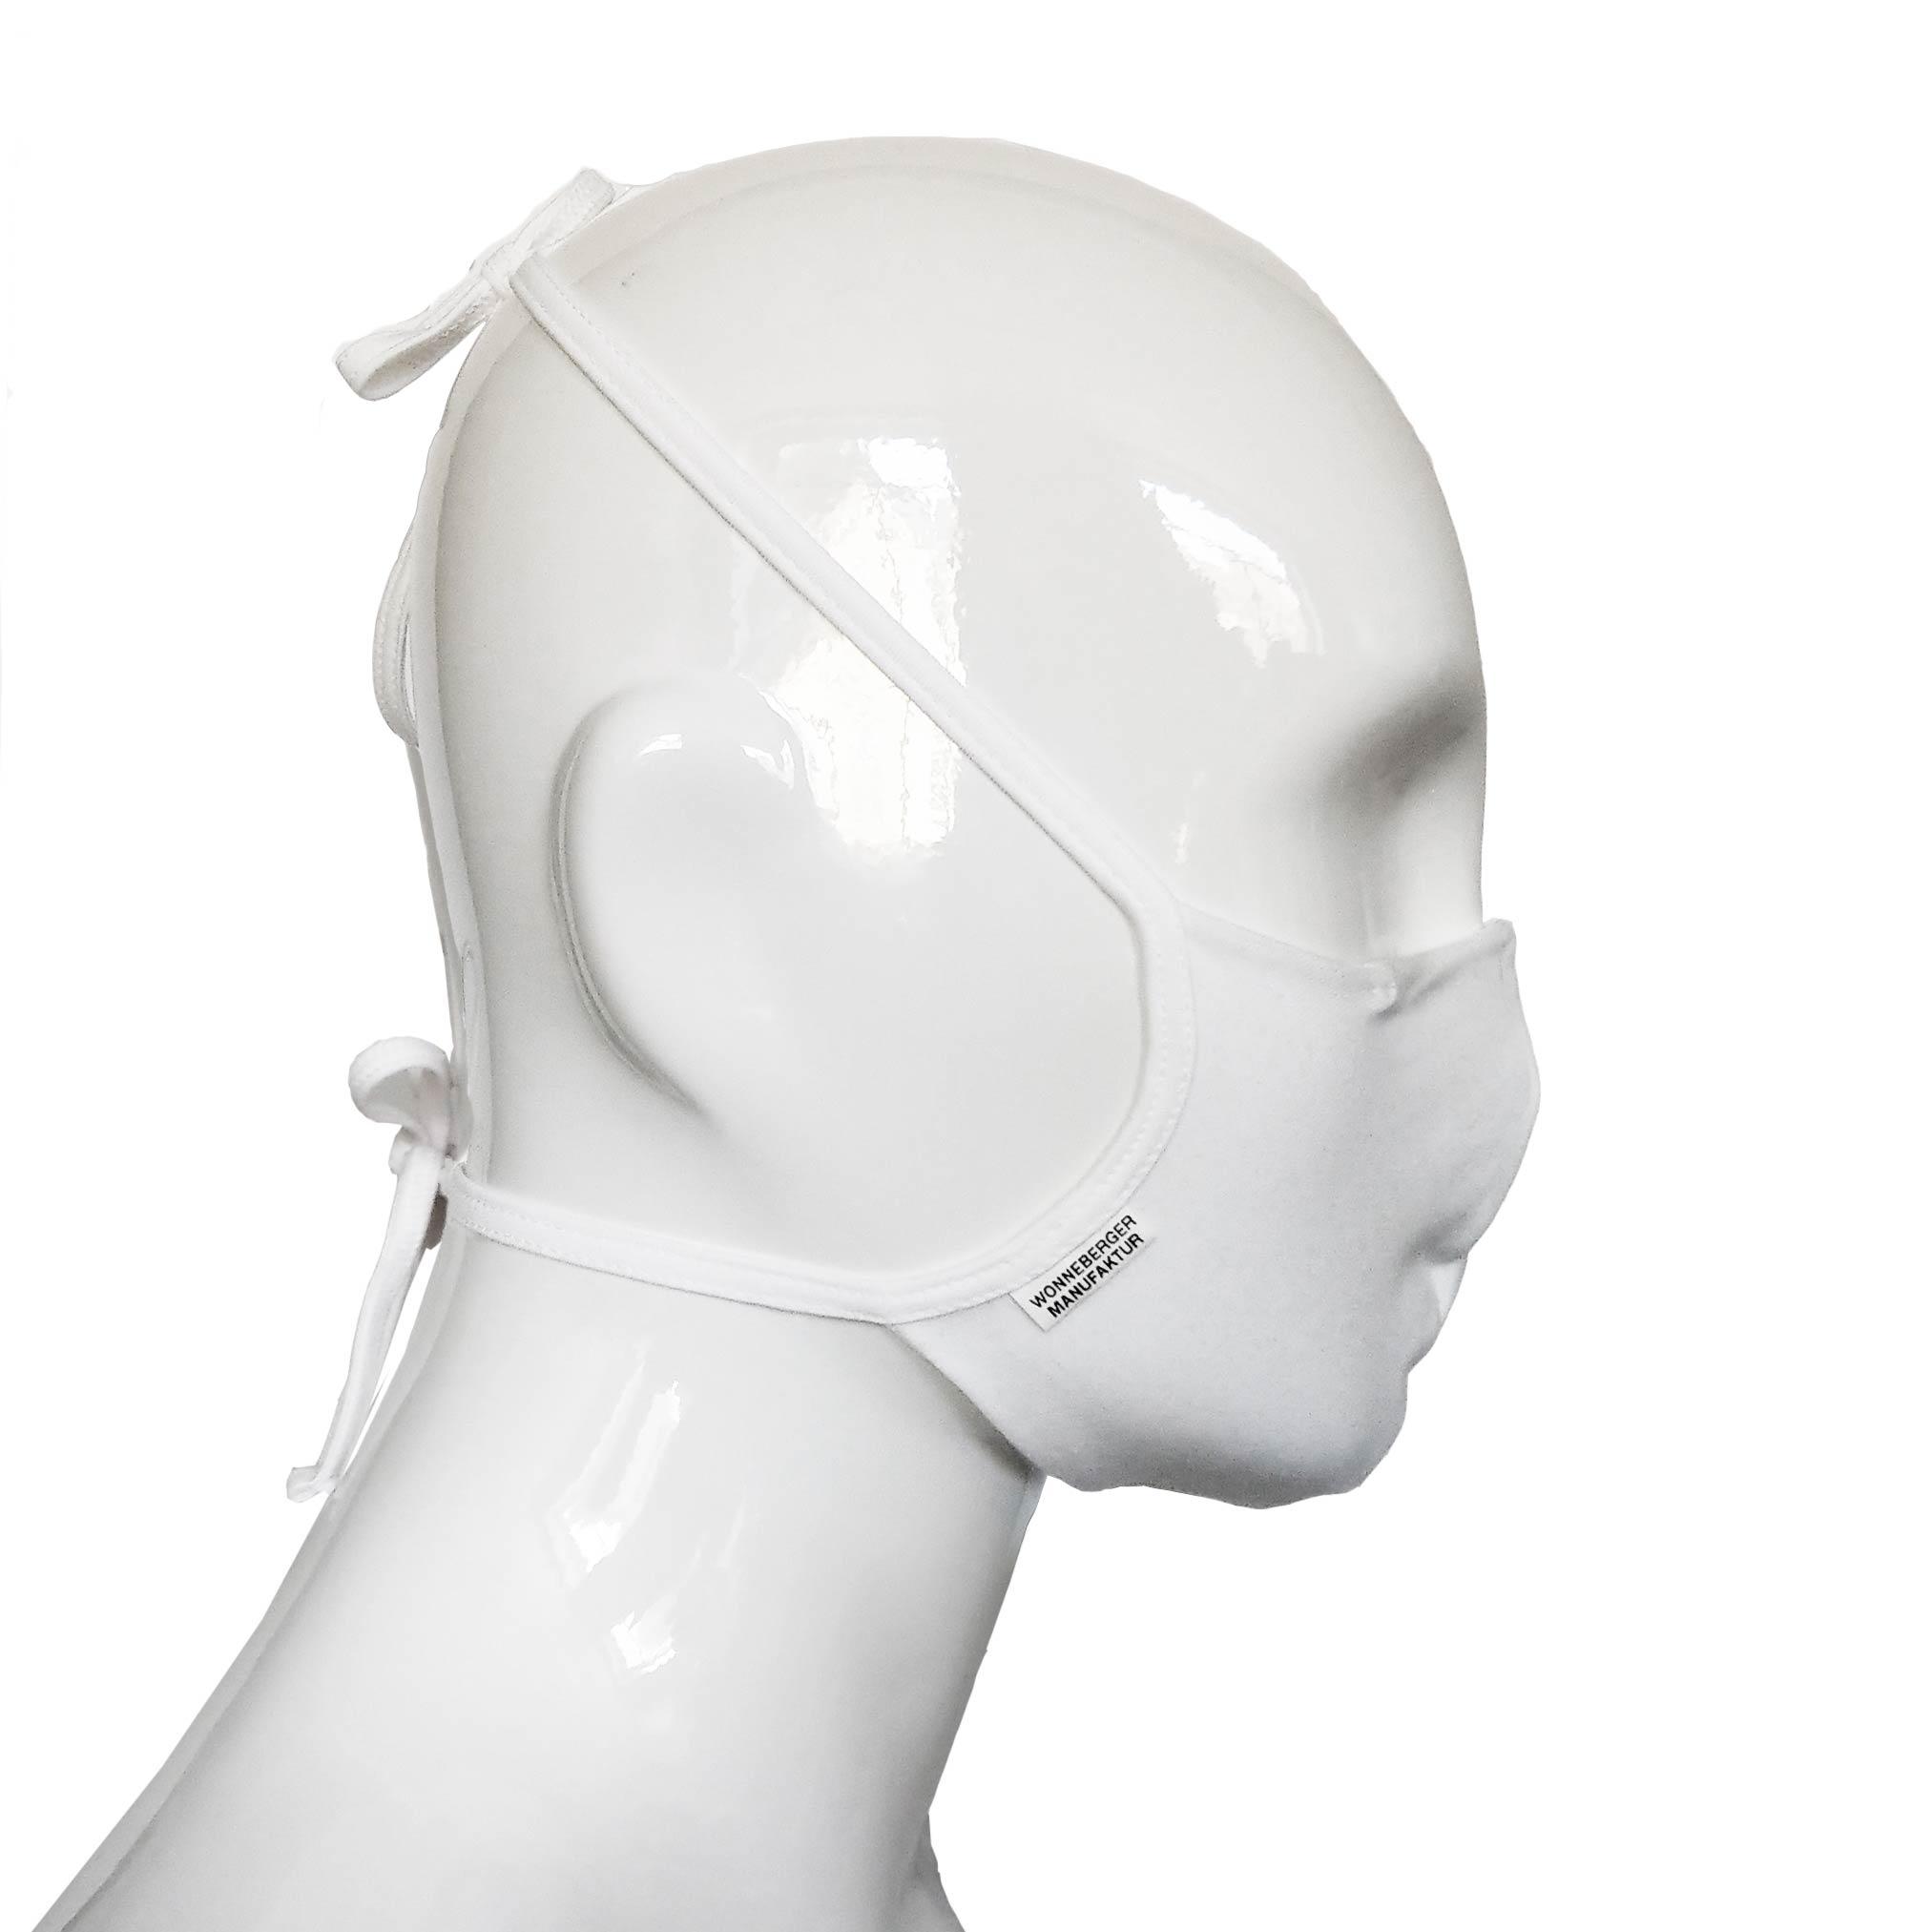 Die Baumwoll Mund-Nasen Maske BWM4 von der Wonneberger Manufaktur ist eine textile Behelfsmaske, kein zertifizierter Mundschutz.  Sie schützt nur bedingt vor Ansteckung. Ihr eigentlicher Zweck ist es, den Atem des Trägers zu filtern und dadurch seine Umgebung zu schützen.  Daher muss die…